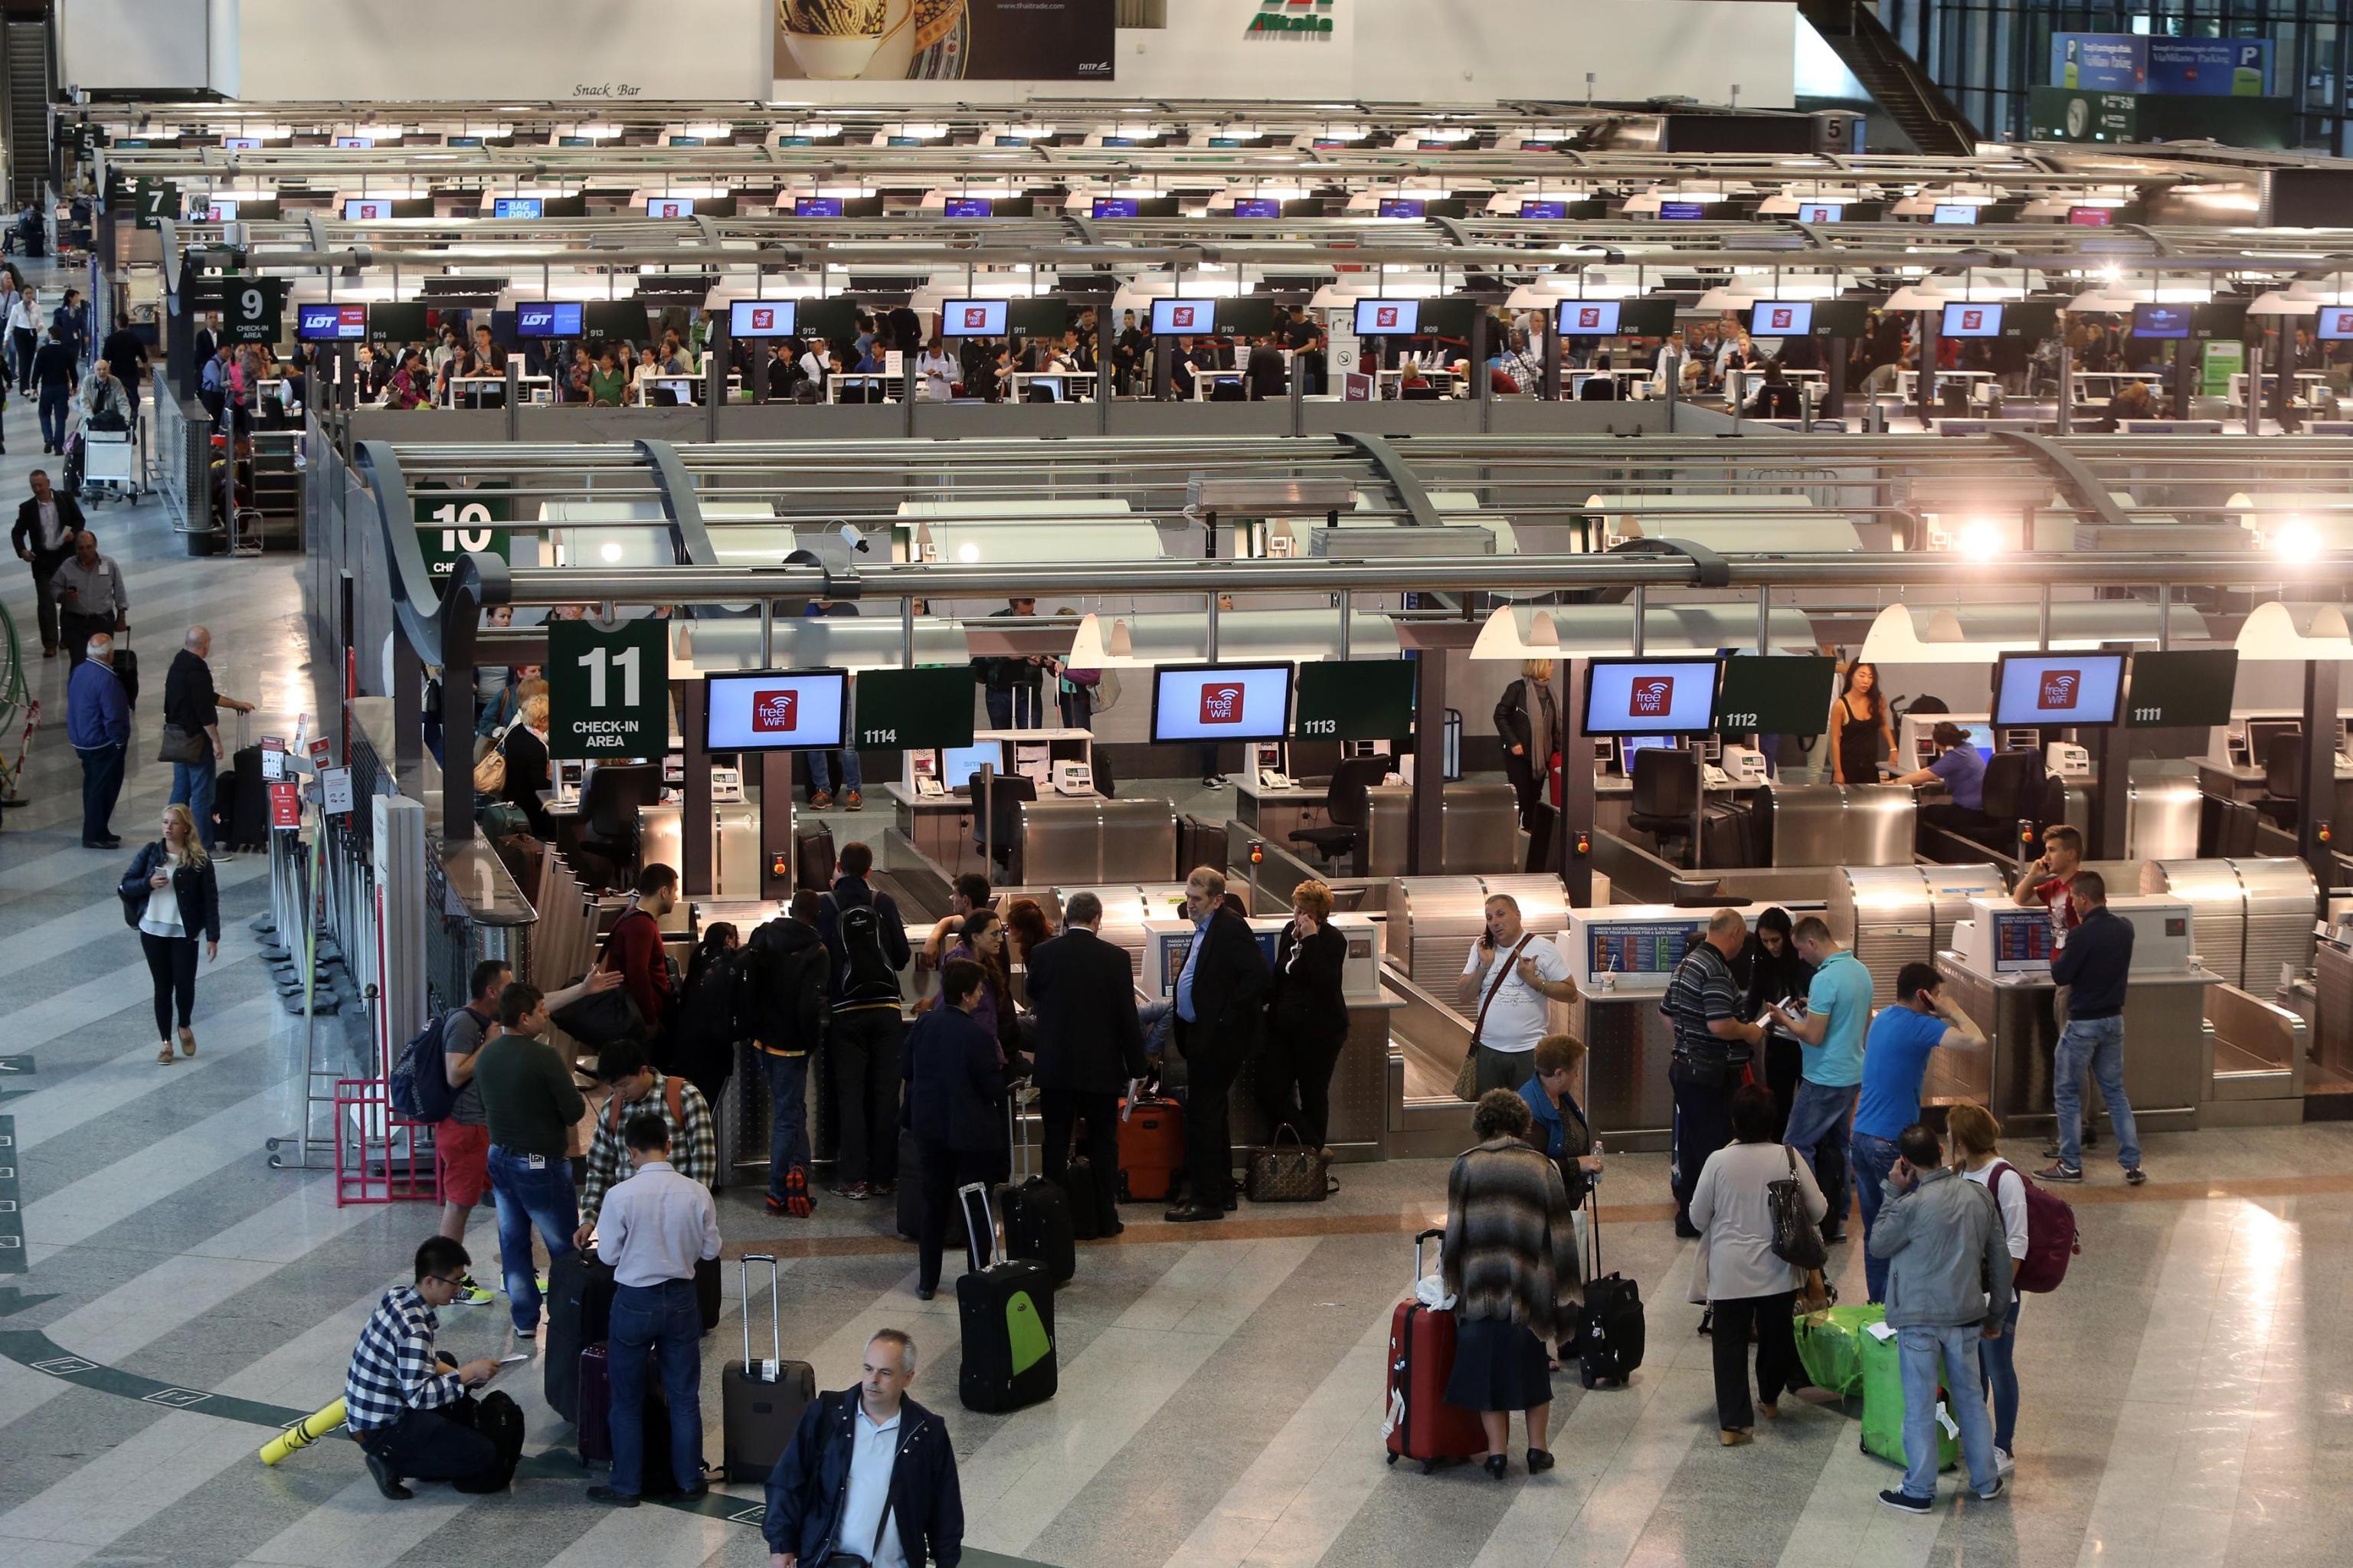 Linate e Malpensa, sciopero degli addetti ai bagagli negli aeroporti